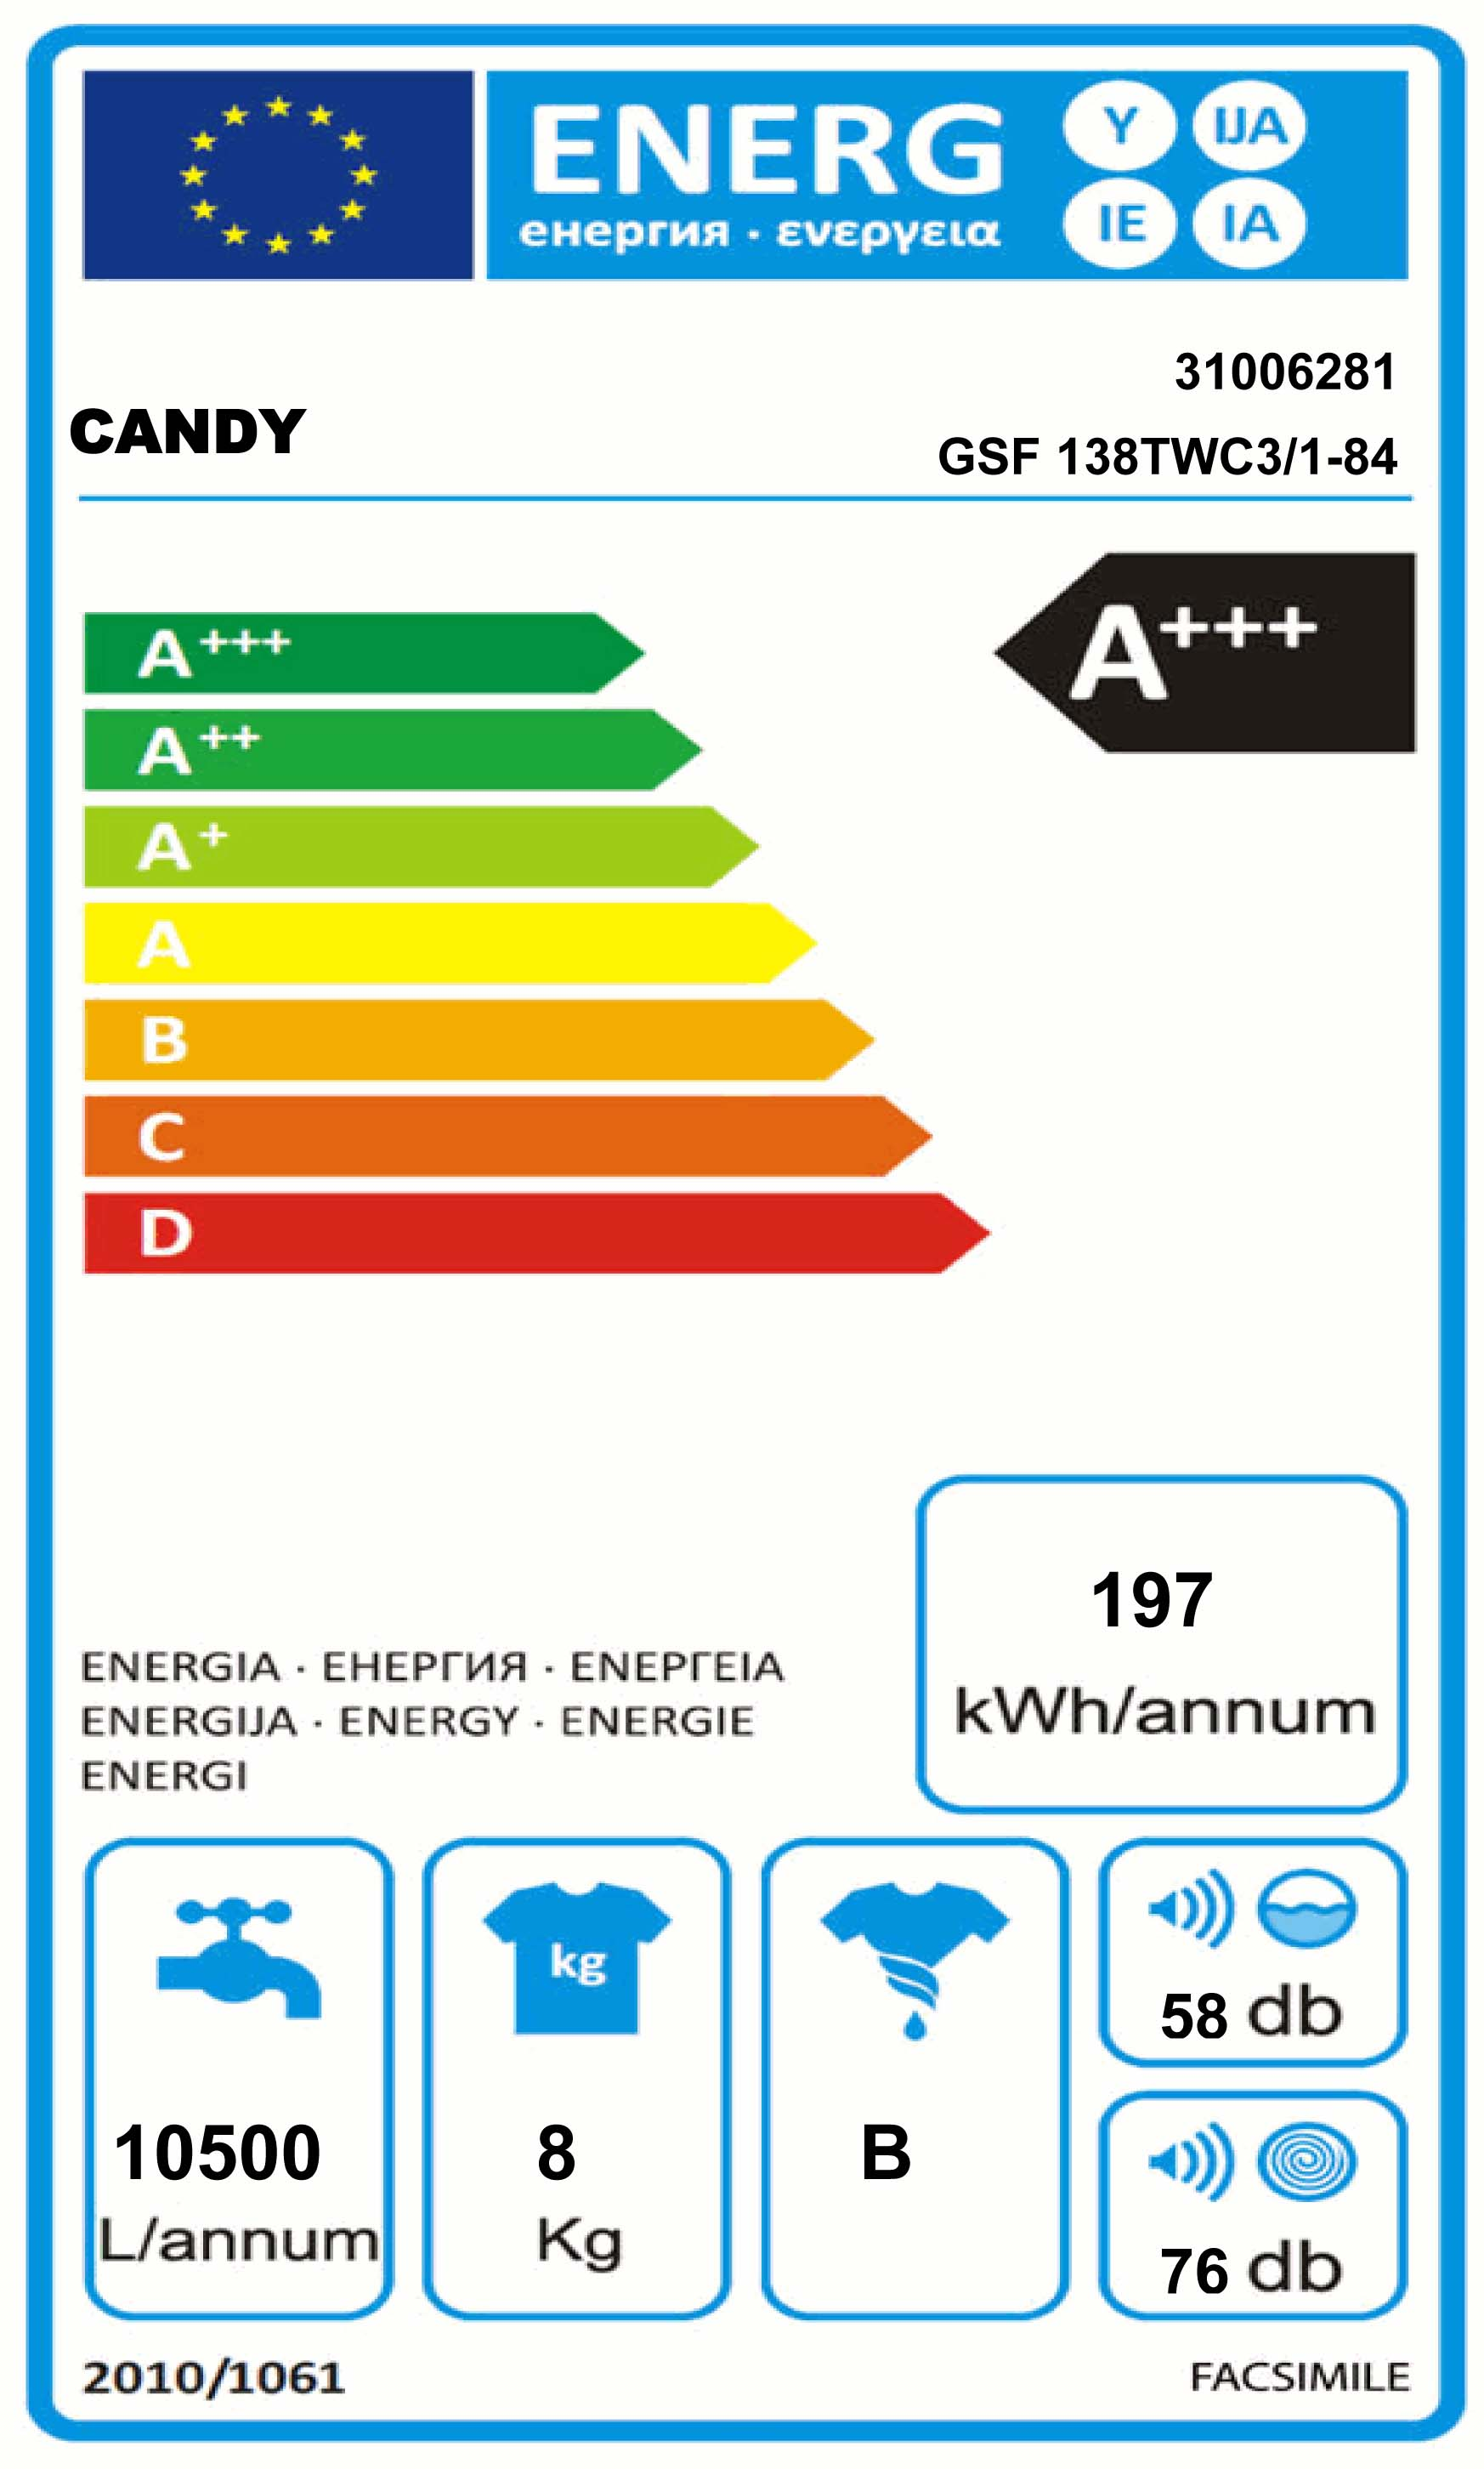 Energeiaki klasi (2)